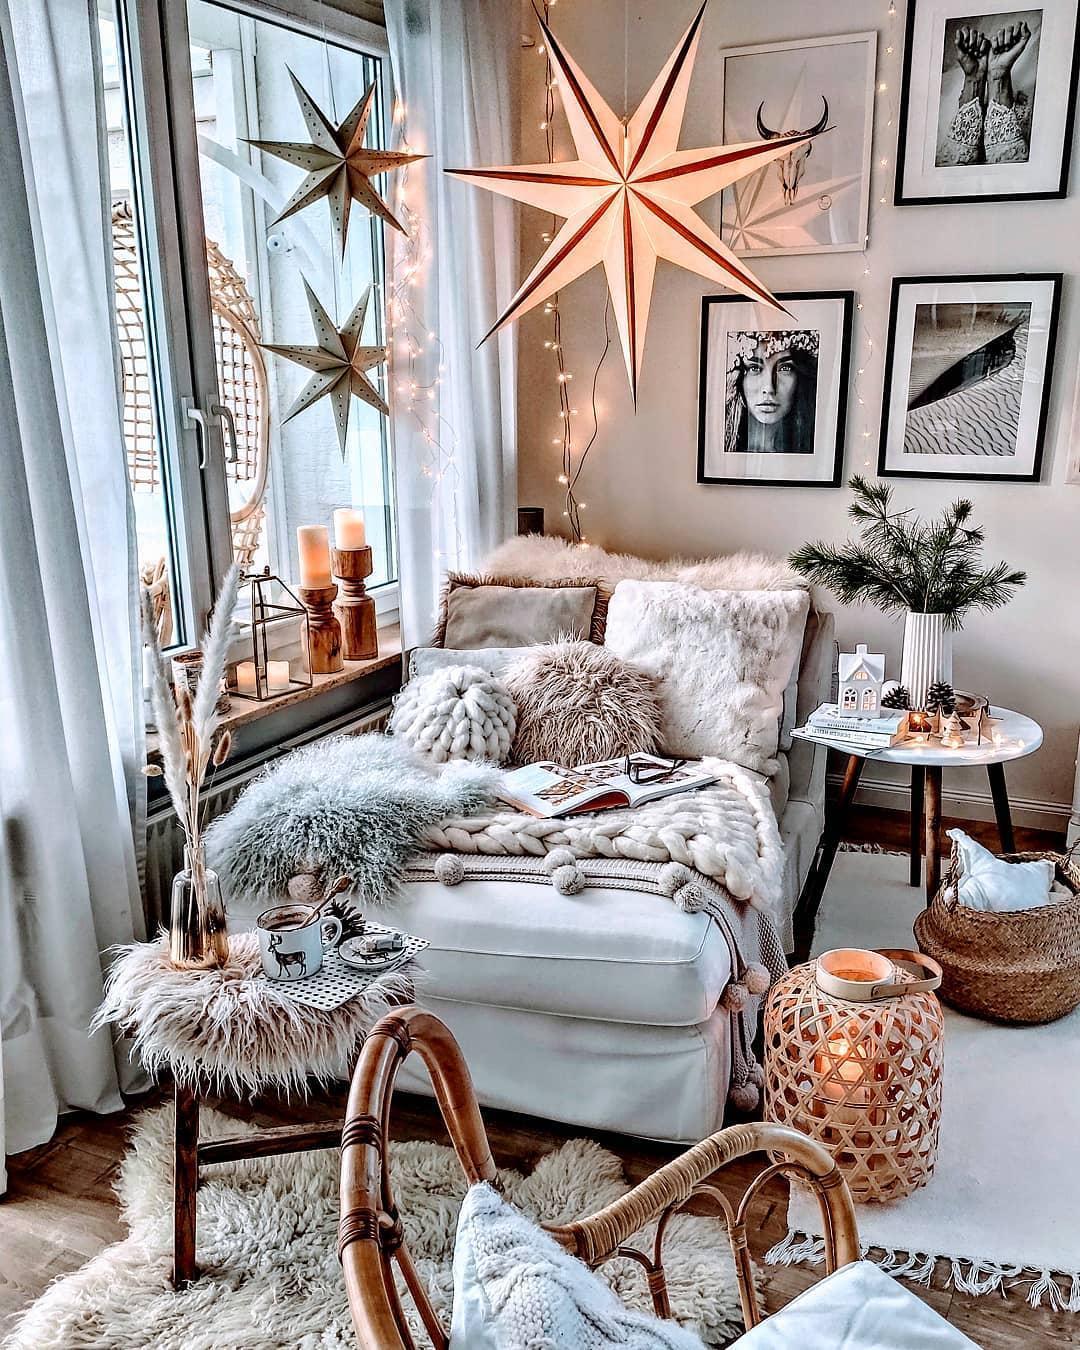 Przytulna leżanka przy oknie w stylu boho z dekoracyjnymi gwiazdami z papieru na na oknie